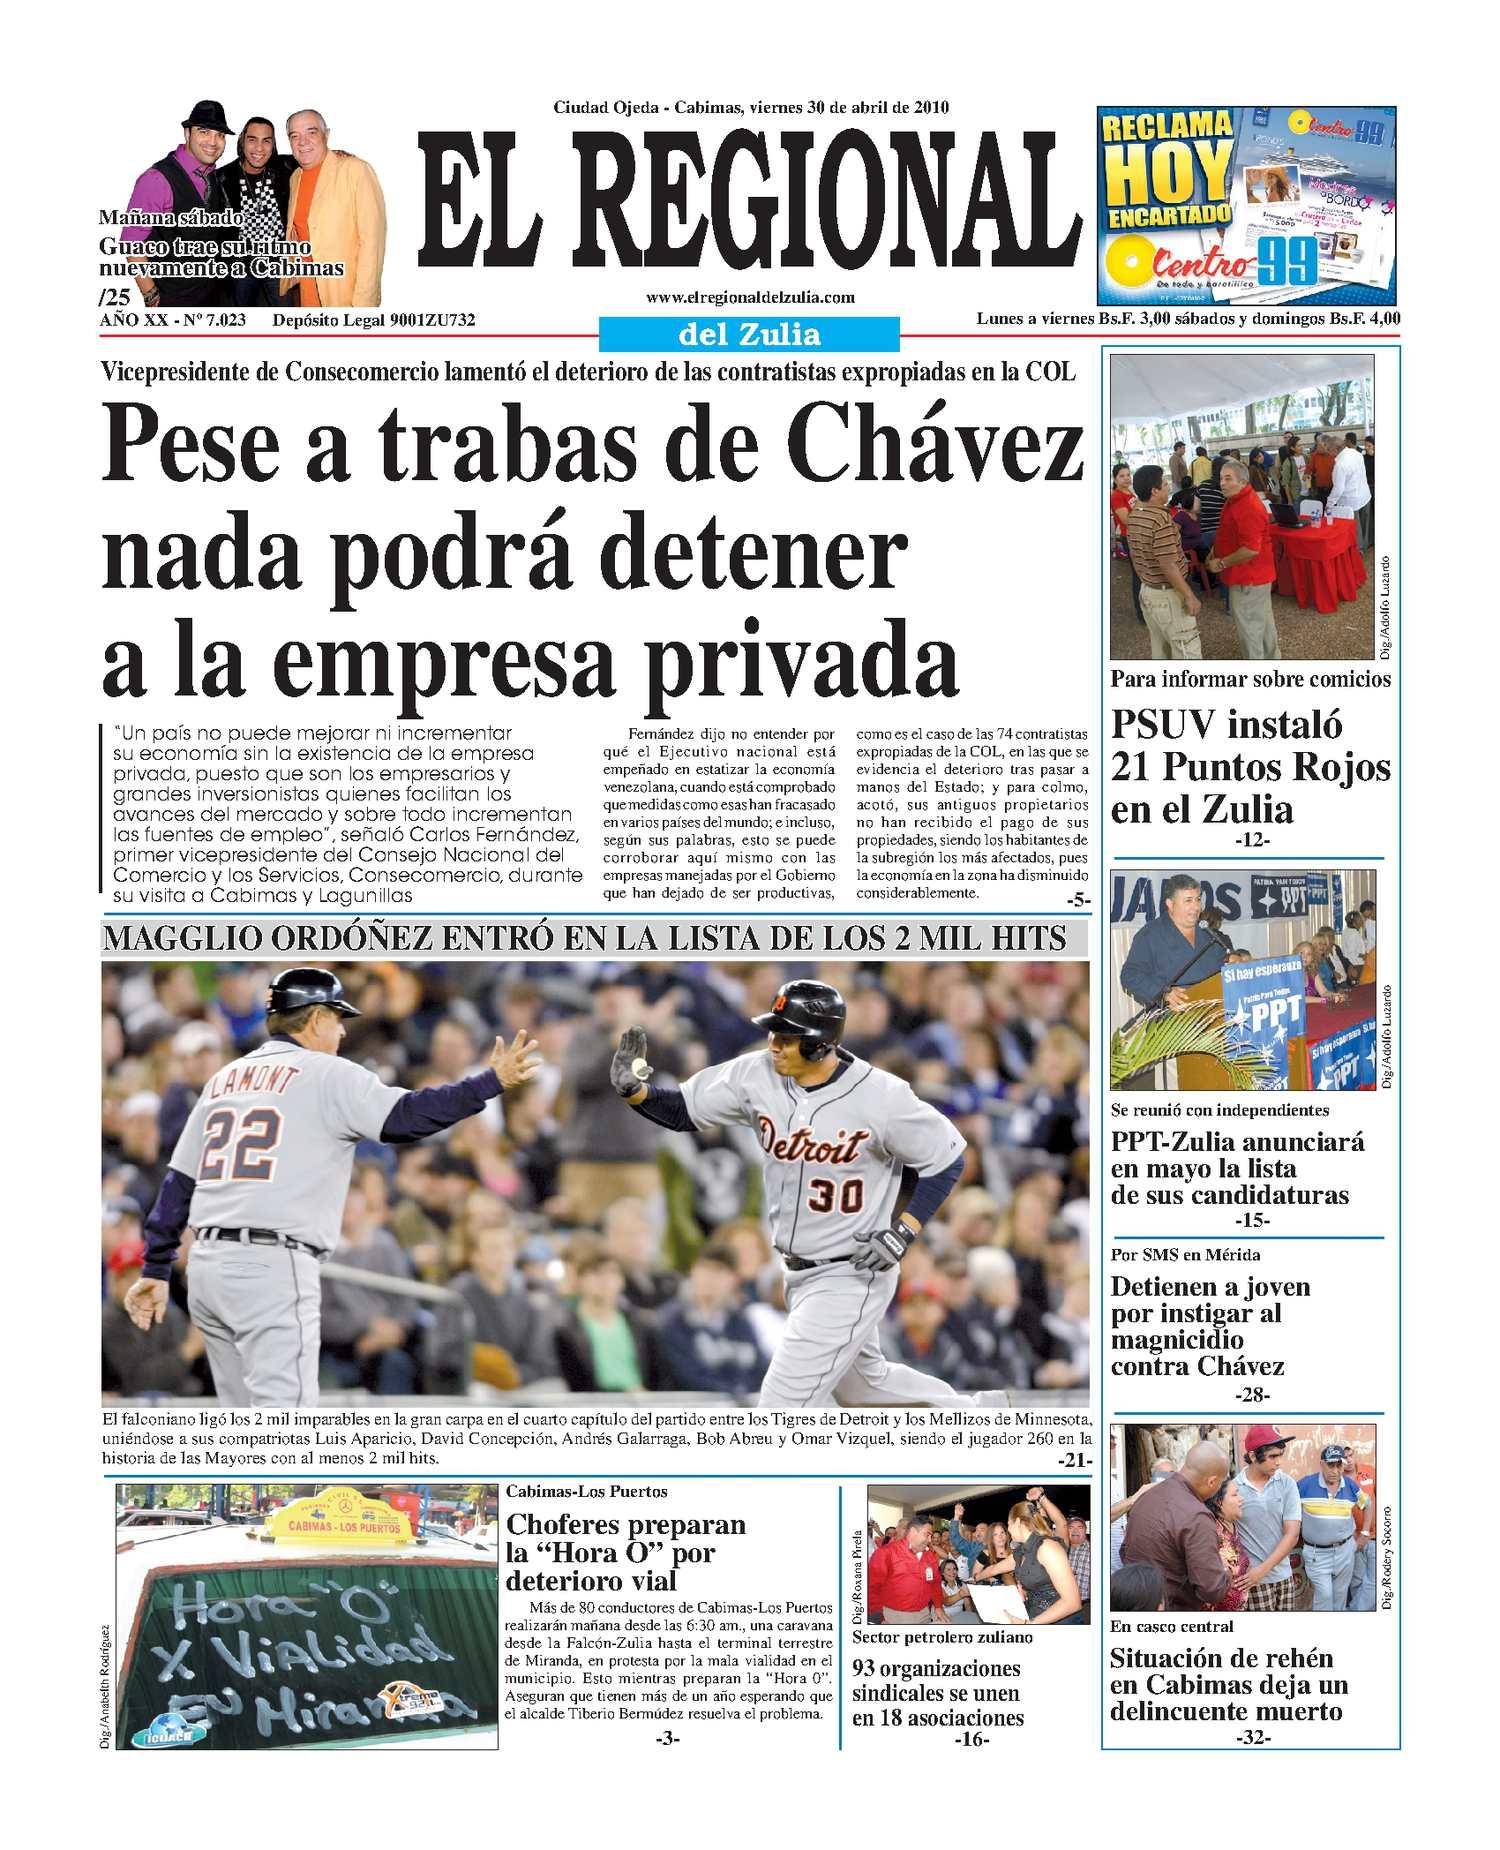 El Regional del Zulia 30-04-2010